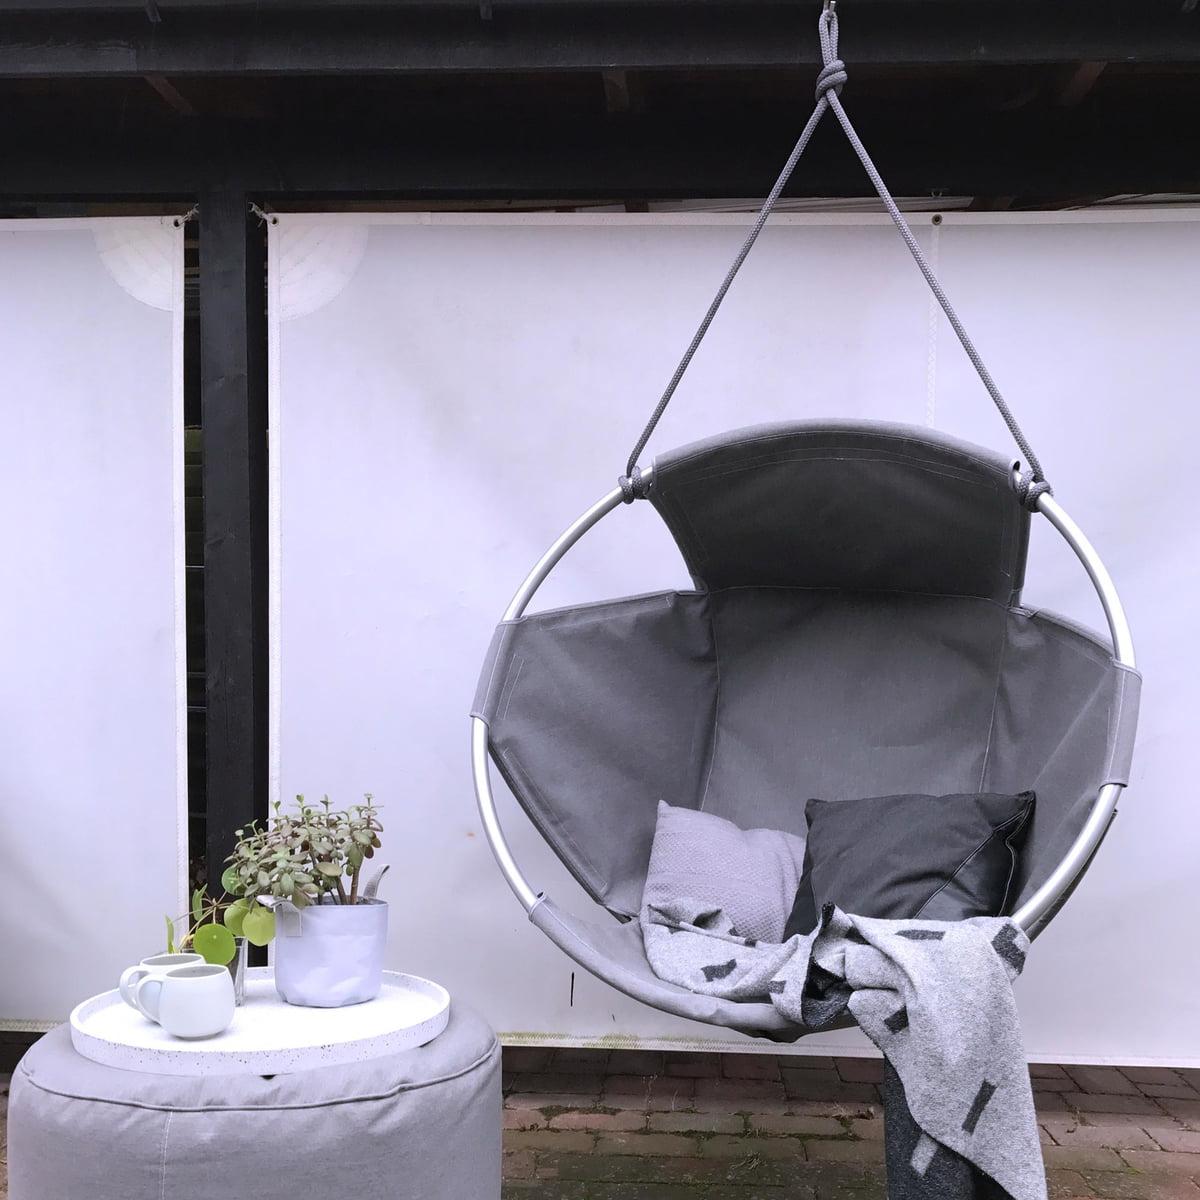 hanging chair cocoon zero gravity recliner garden outdoor hang by trimm copenhagen